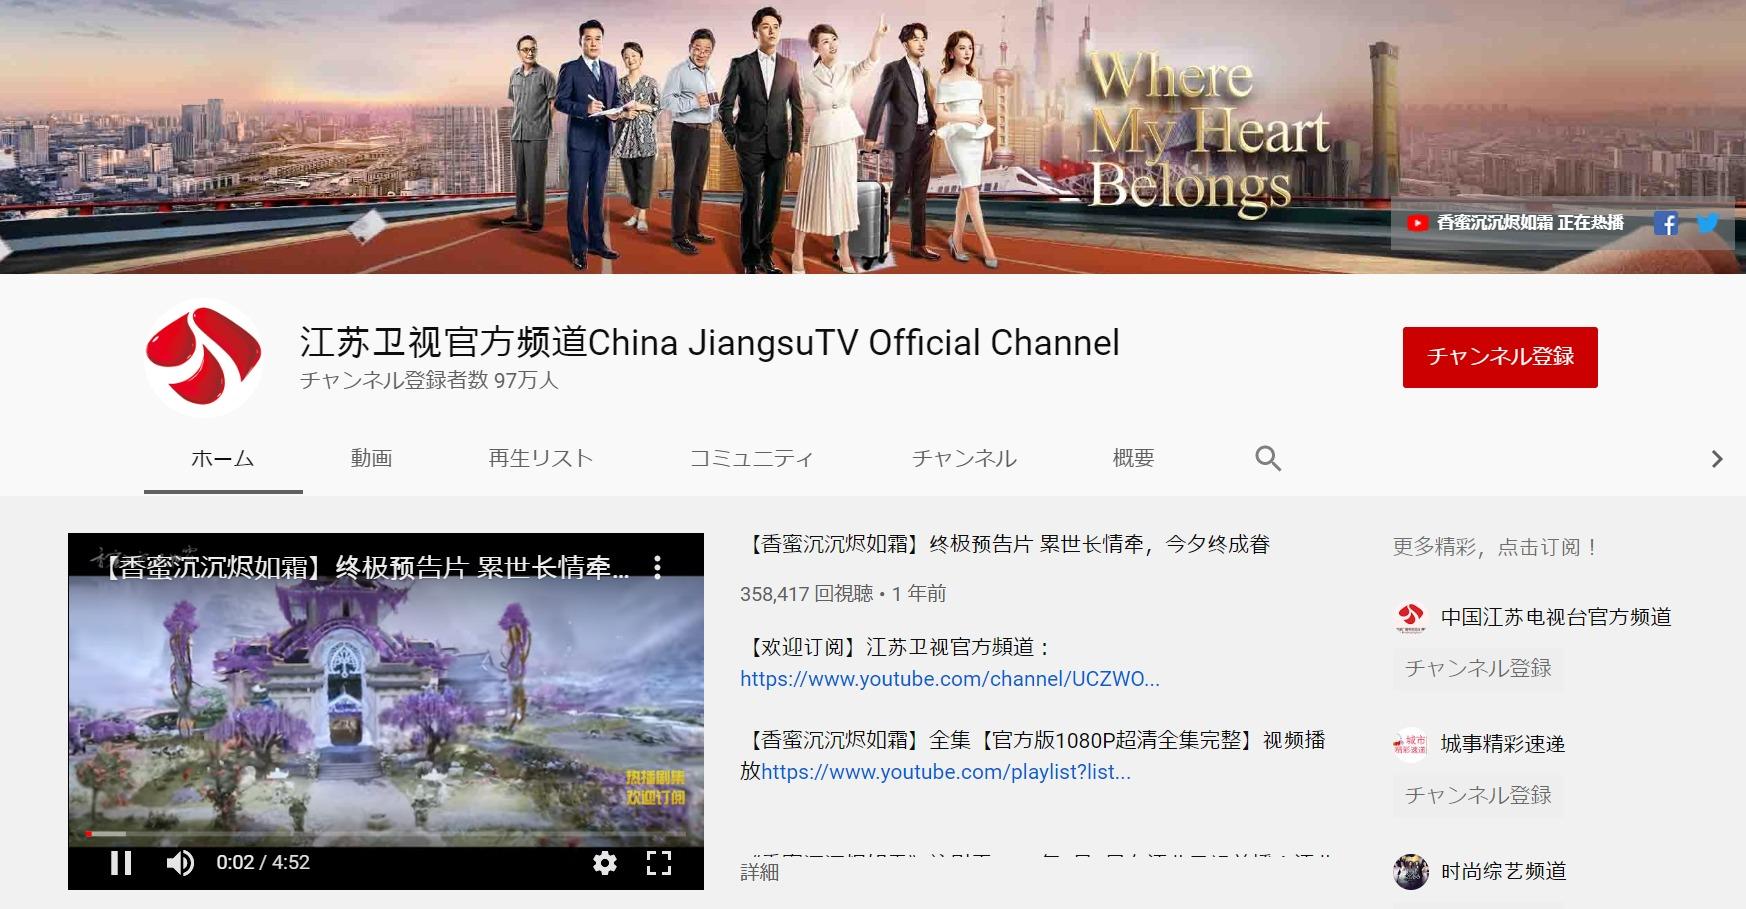 江苏卫视官方频道のYouTubeチャンネル